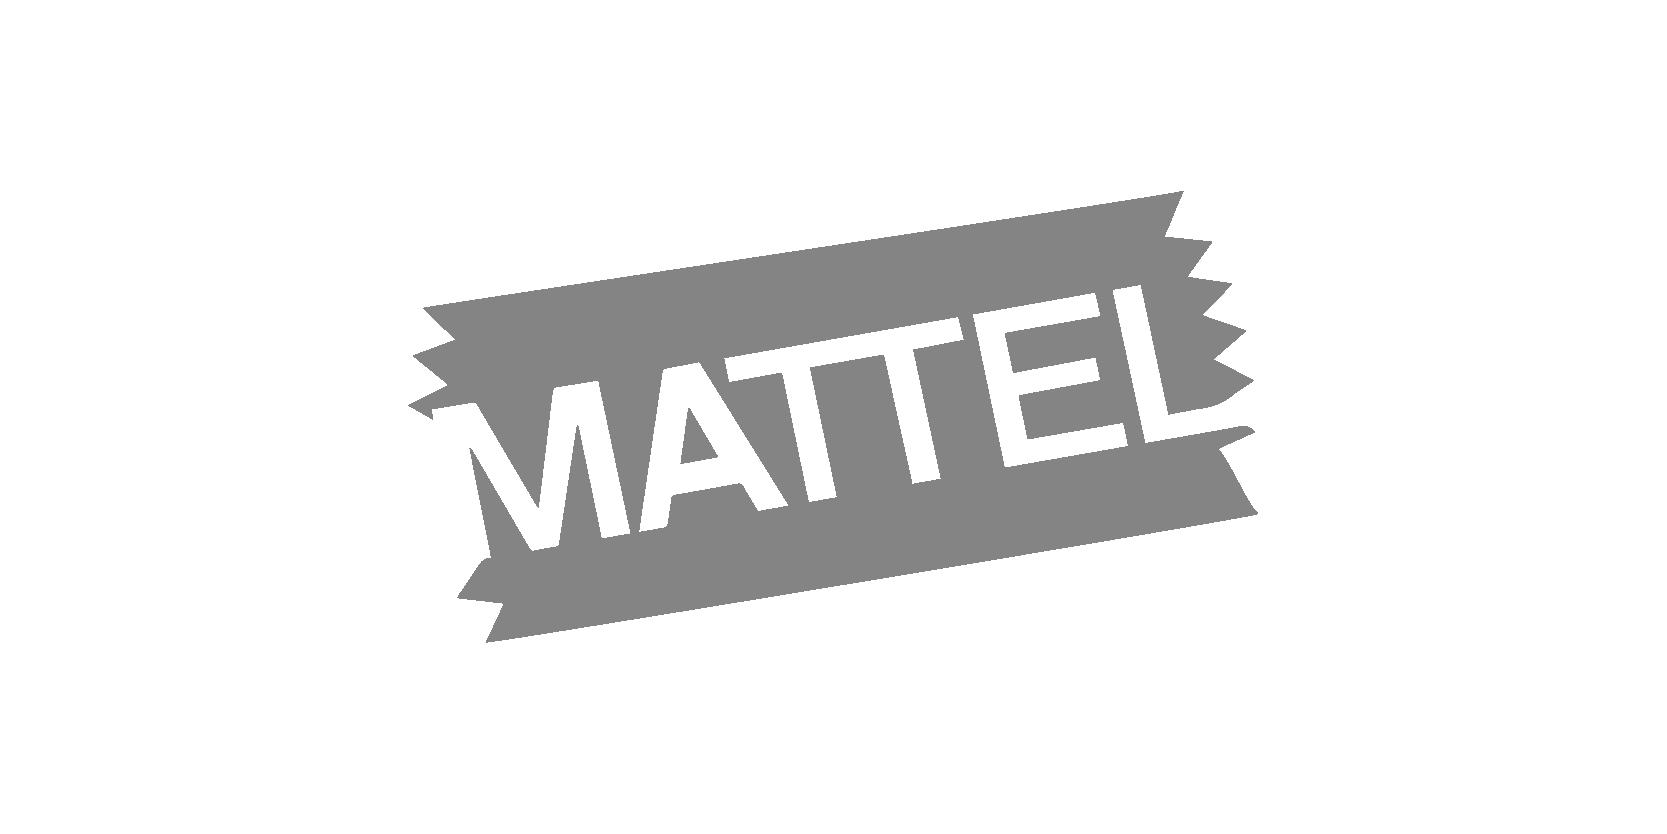 mattel2-small-widescreen-01-01